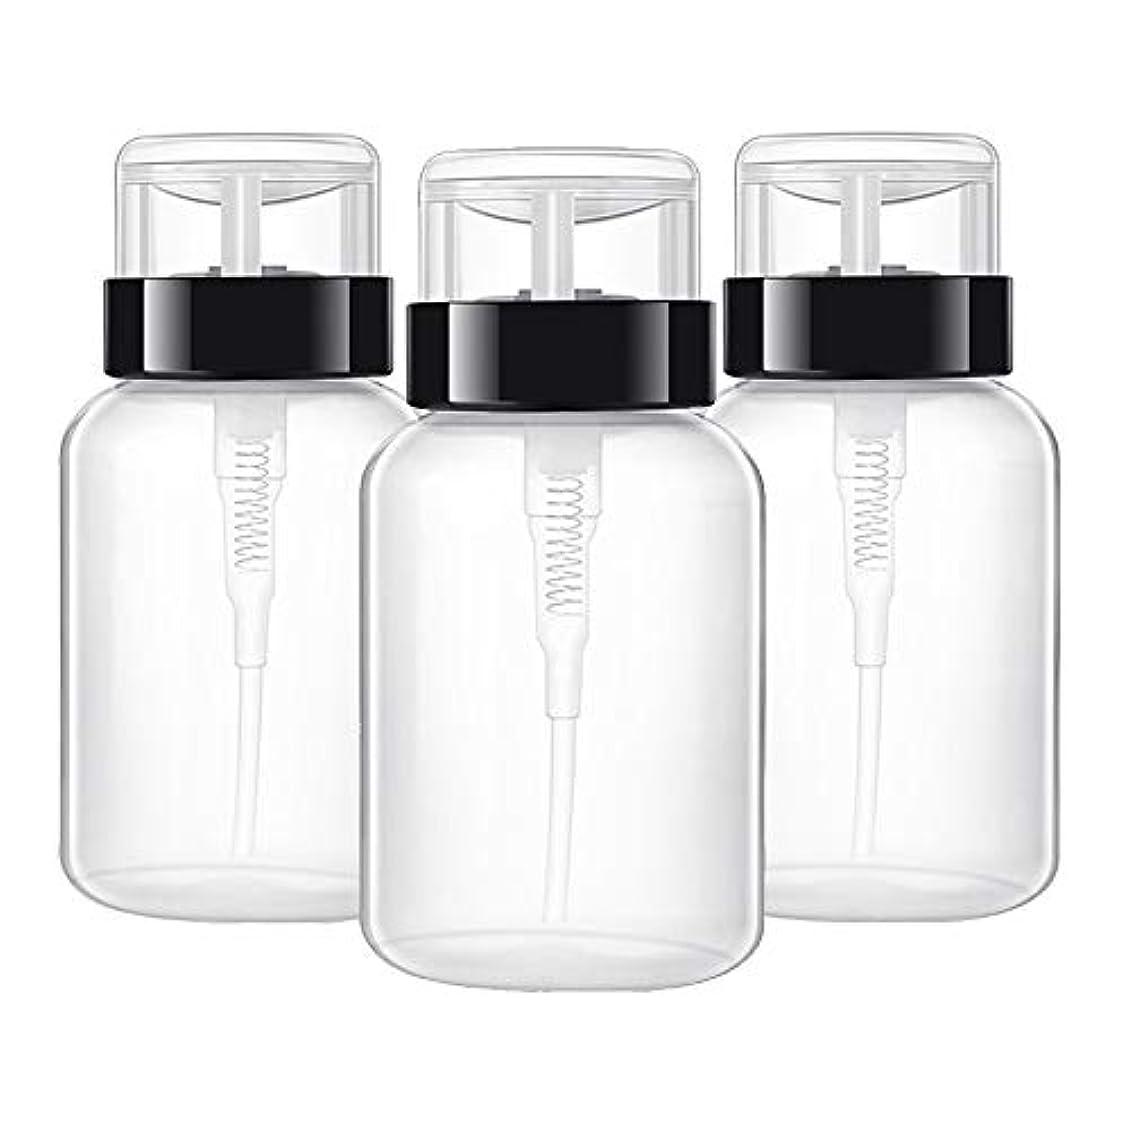 群がる抱擁地域マニキュアツールツール 空ポンプ ボトル ネイルクリーナーボトル ポンプディスペンサー ジェルクリーナー 200ミリリットル 3ピース